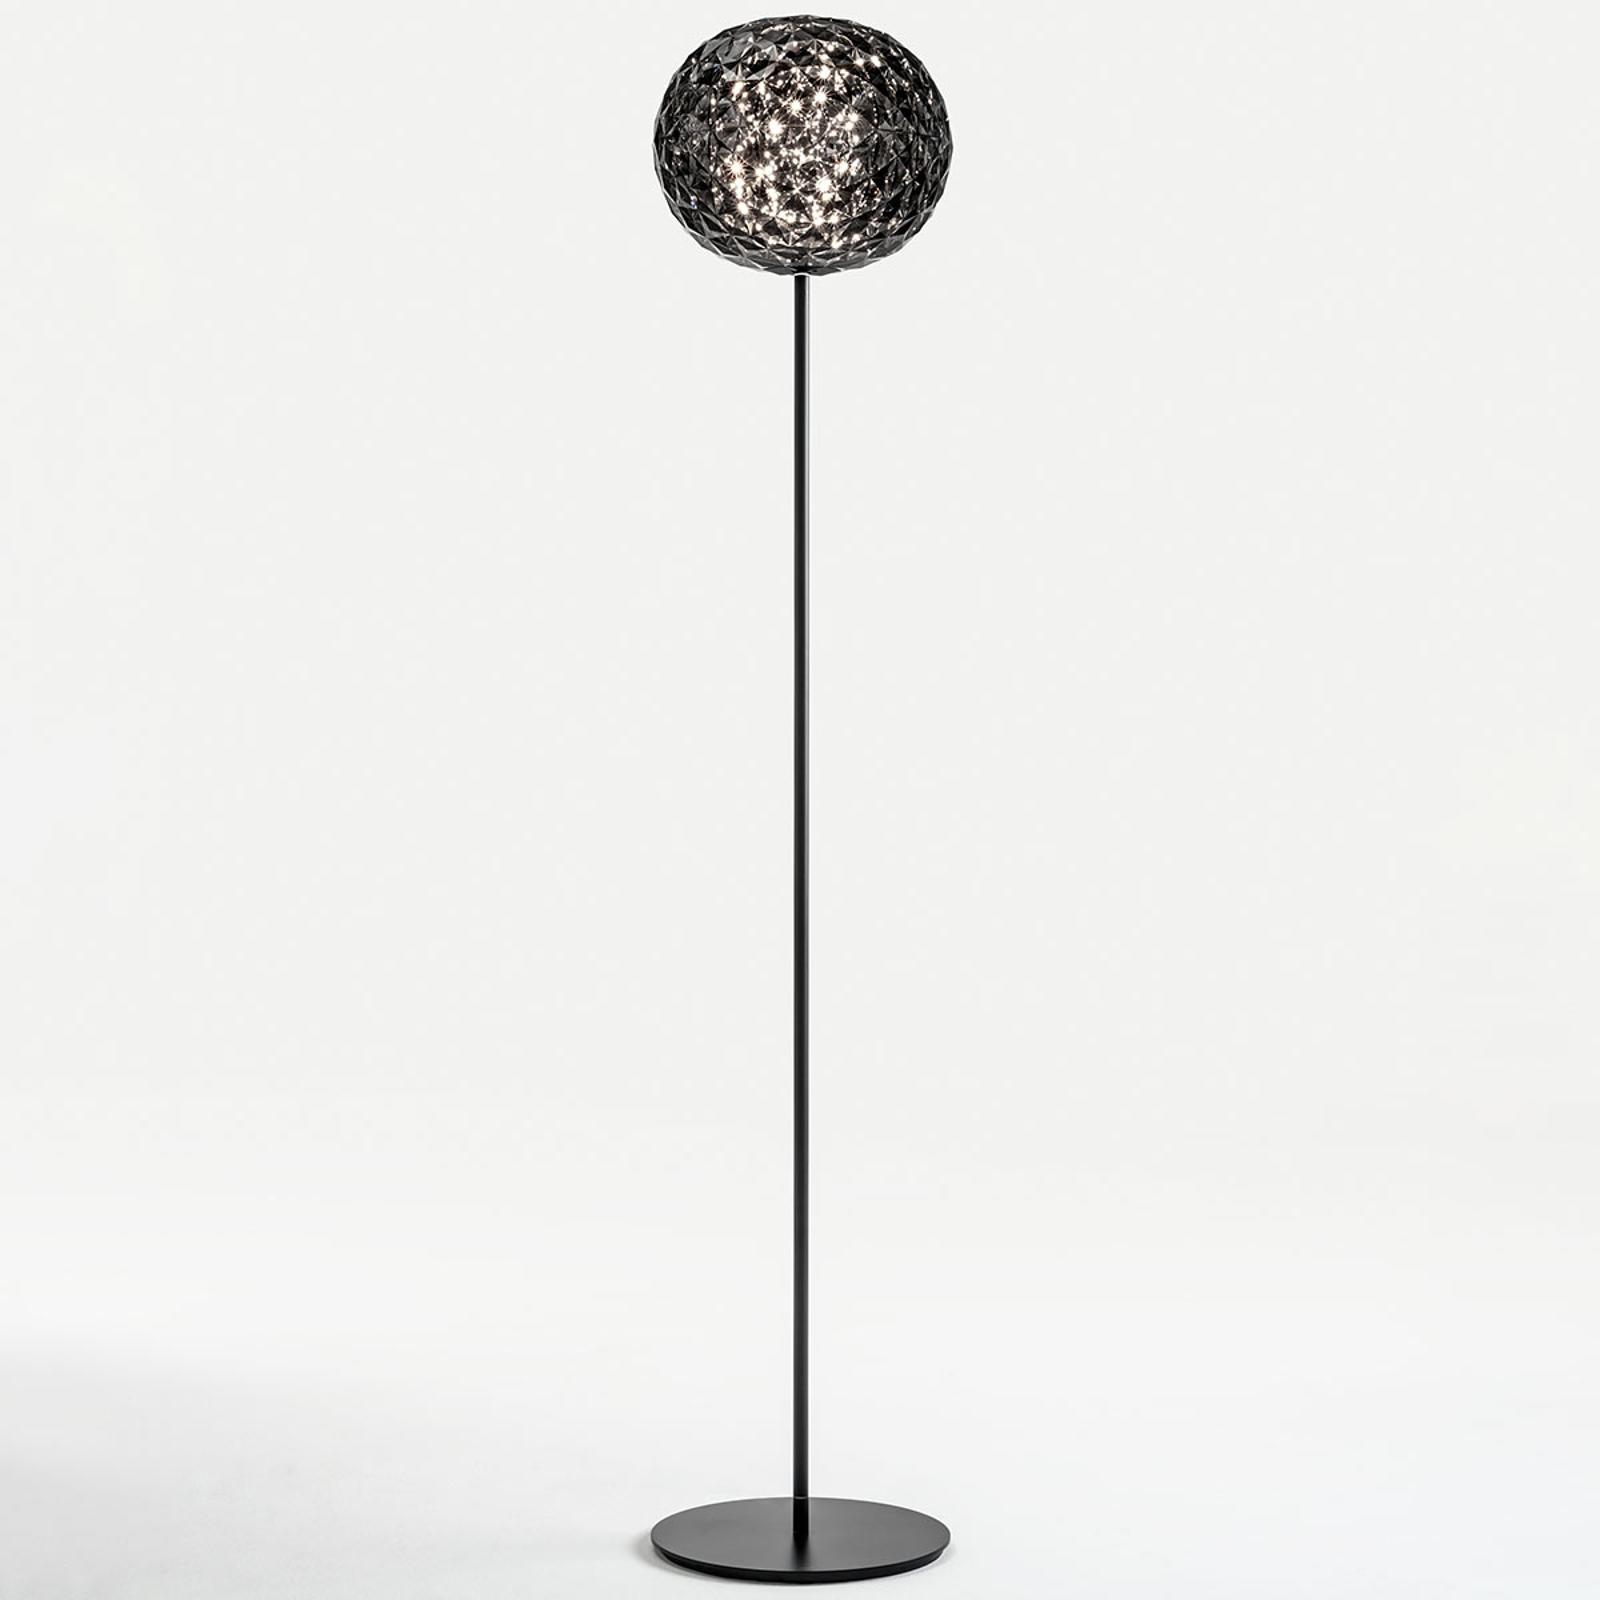 Kartell Planet lampa stojąca LED, szary dym